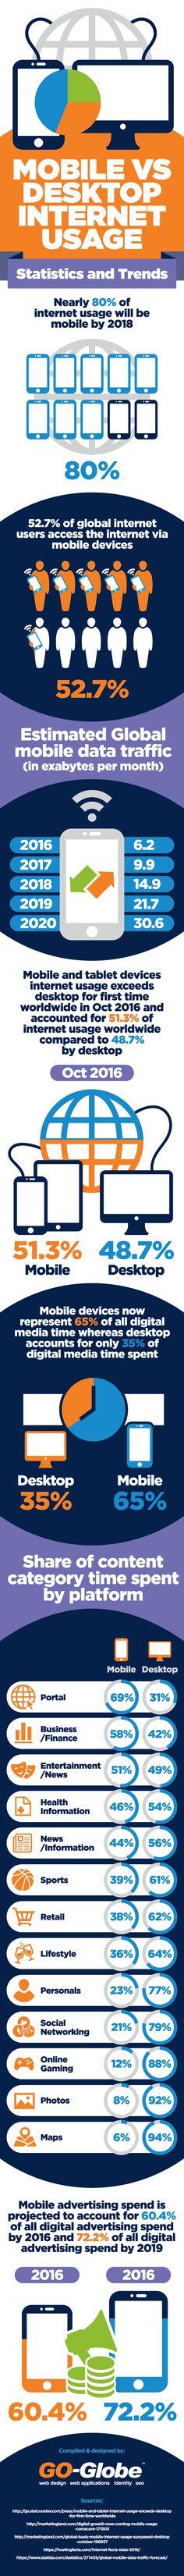 Mobile VS Desktop Internet Usage #Infographic #Computer #Internet